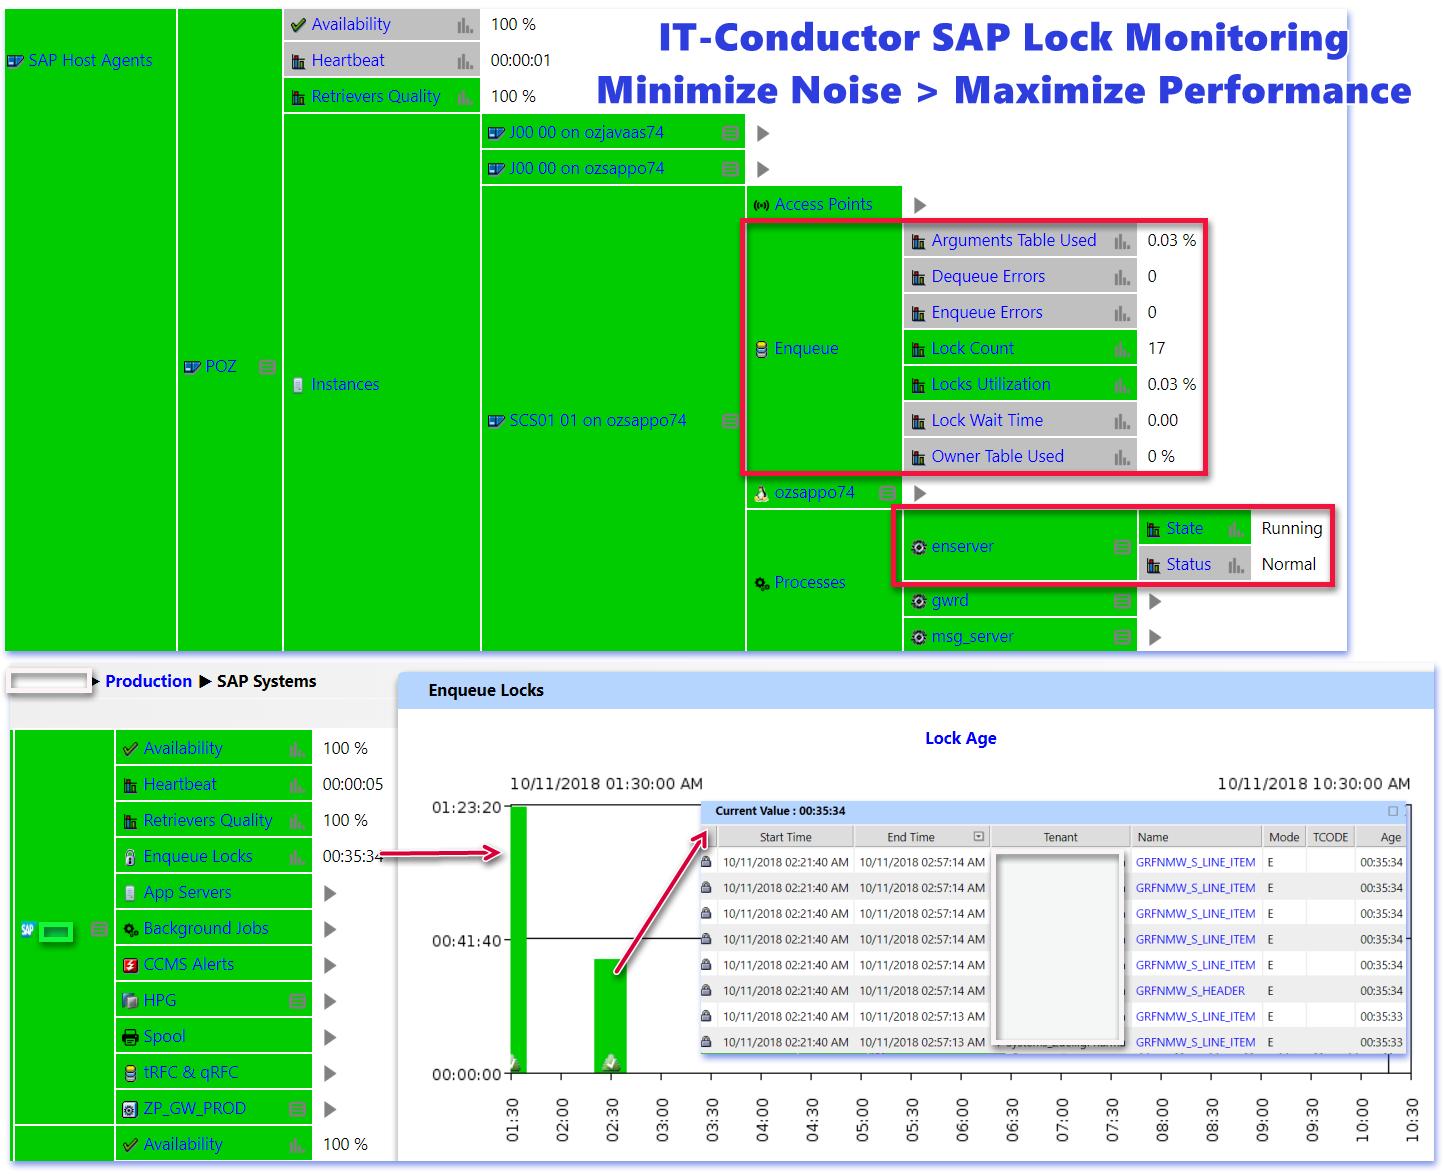 IT-Conductor Basis Monitoring of Locks and Enqueue Views